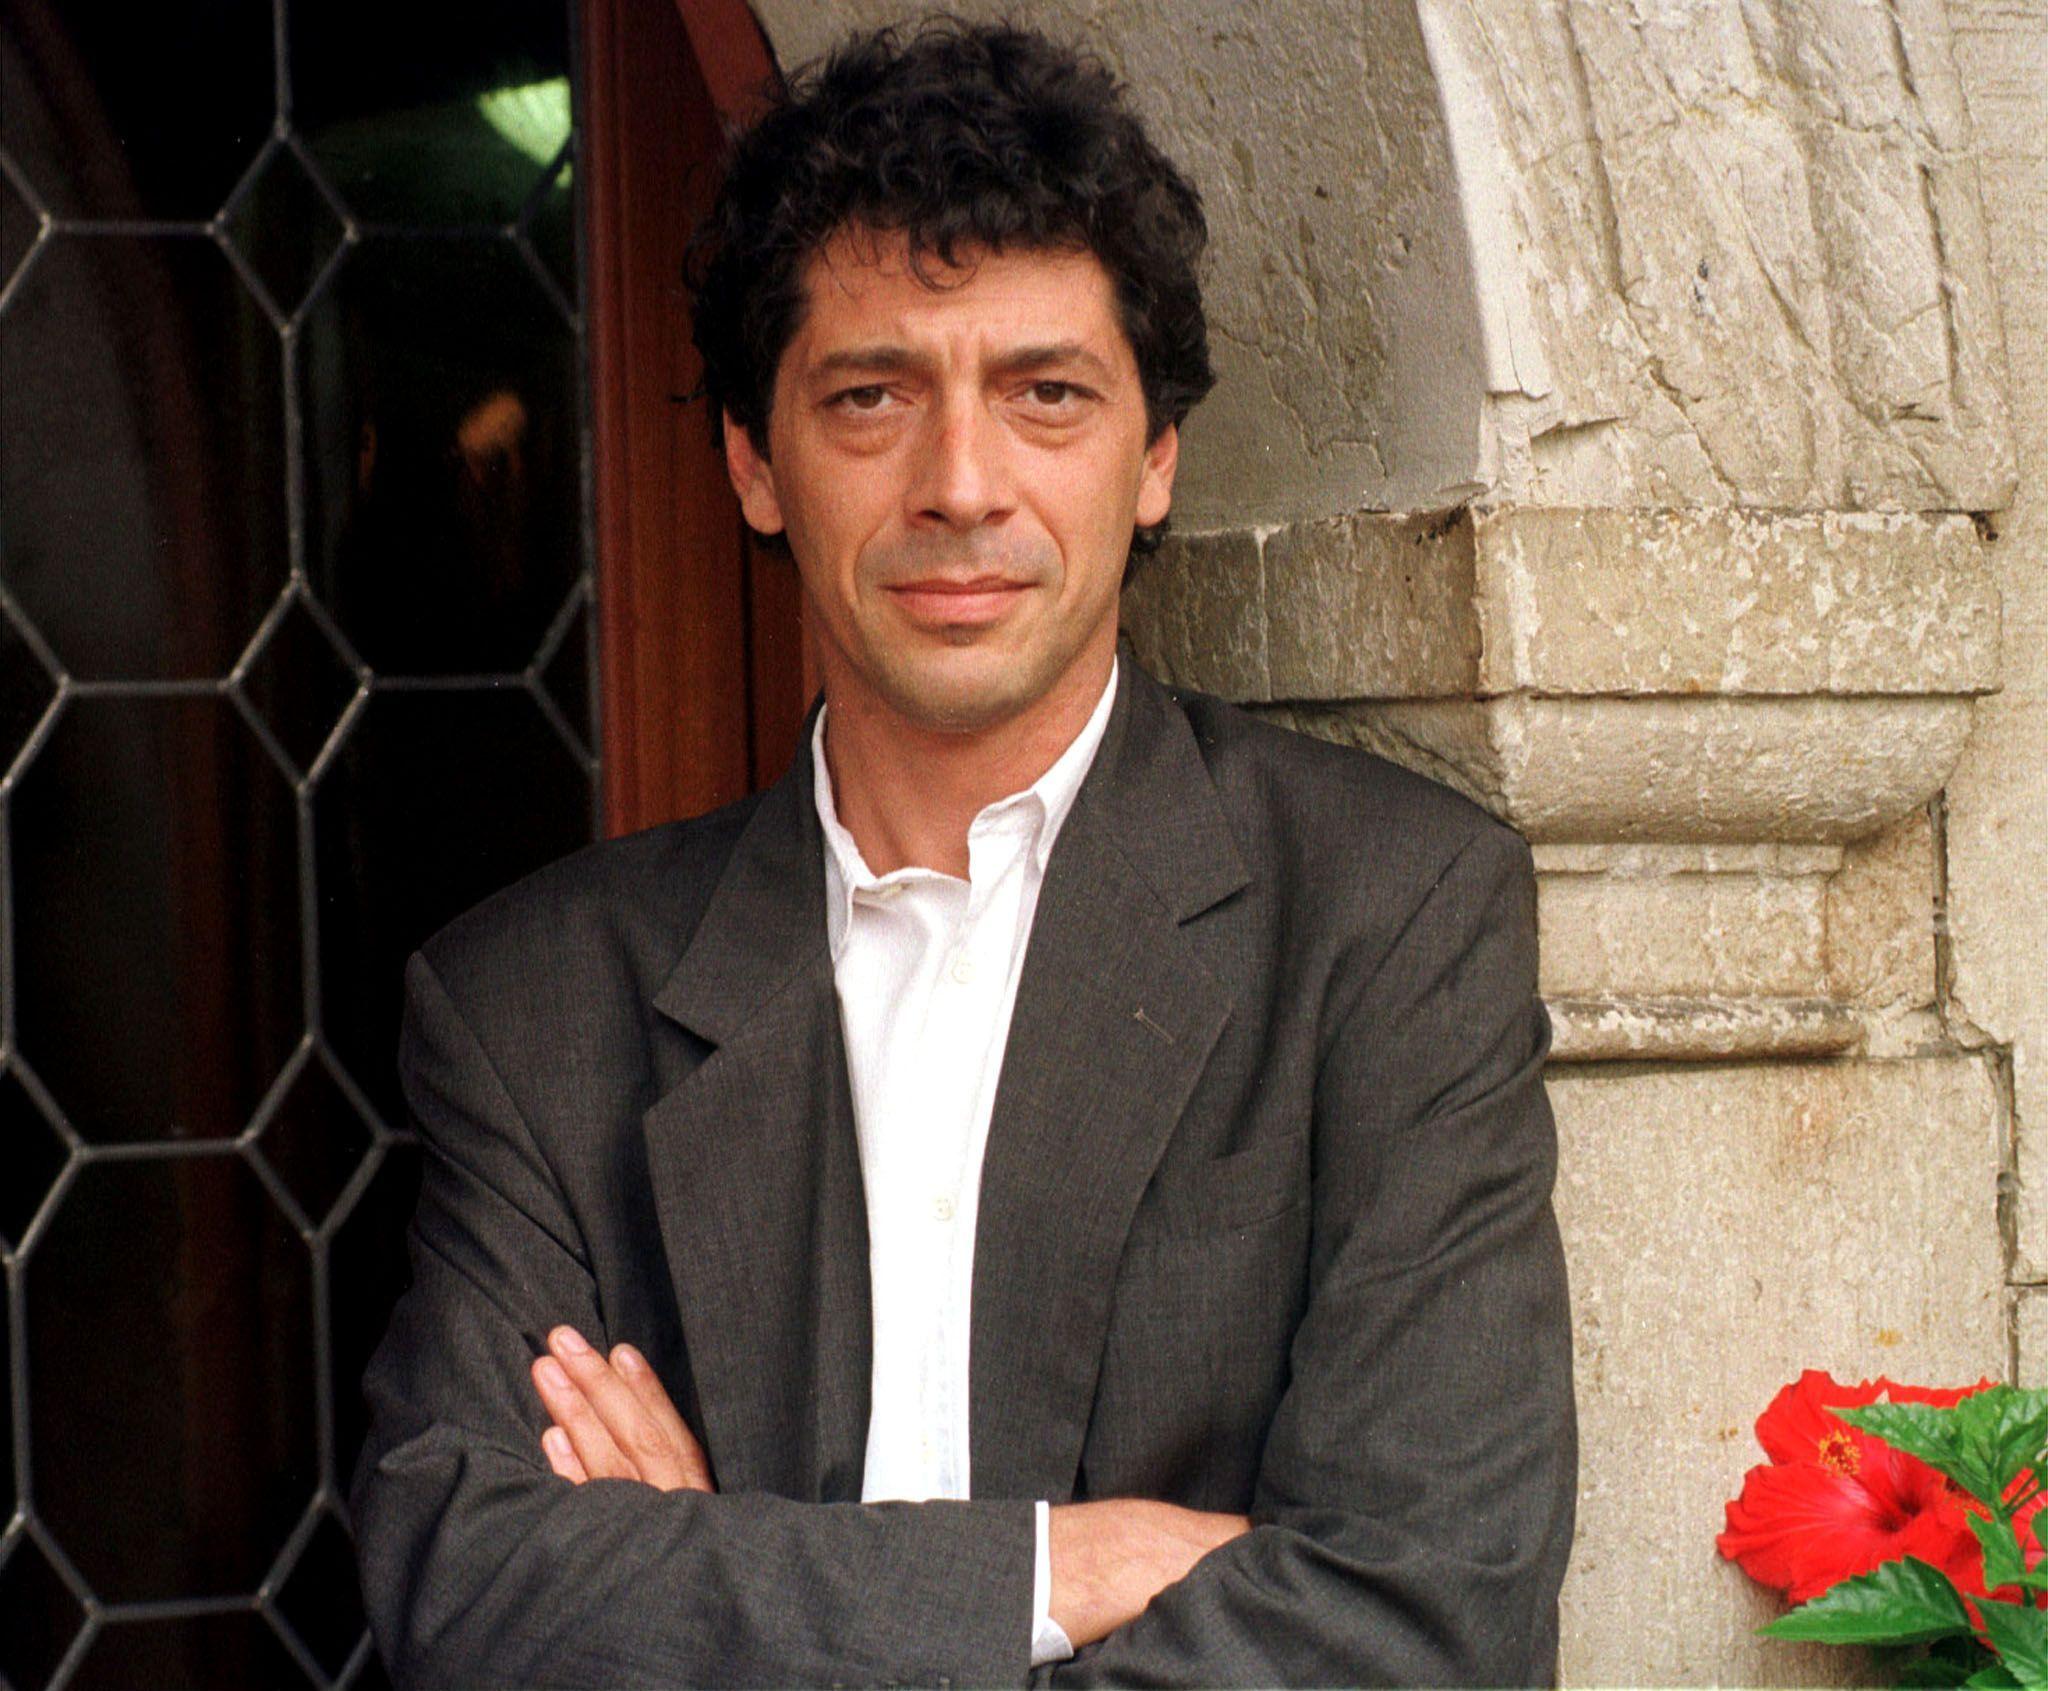 Terre rare, di Sandro Veronesi: trama e recensione